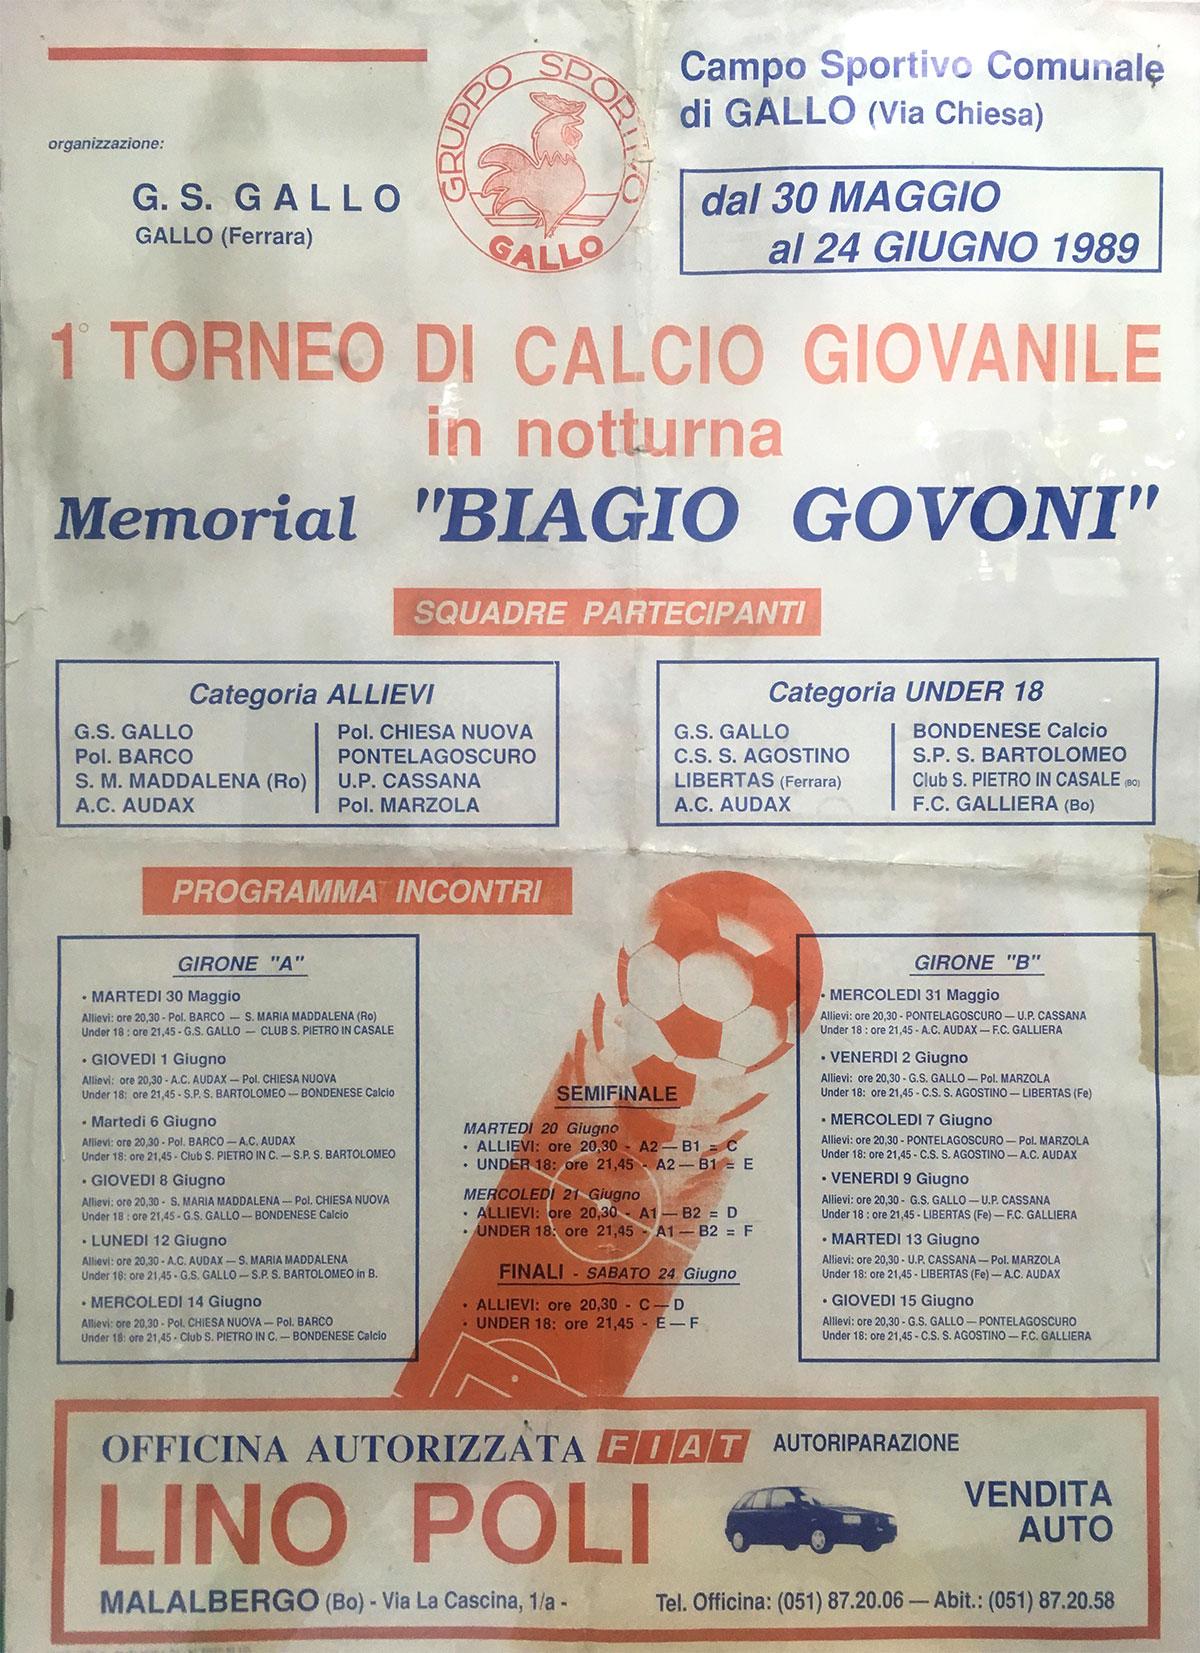 Squadra del Galliera - 1989